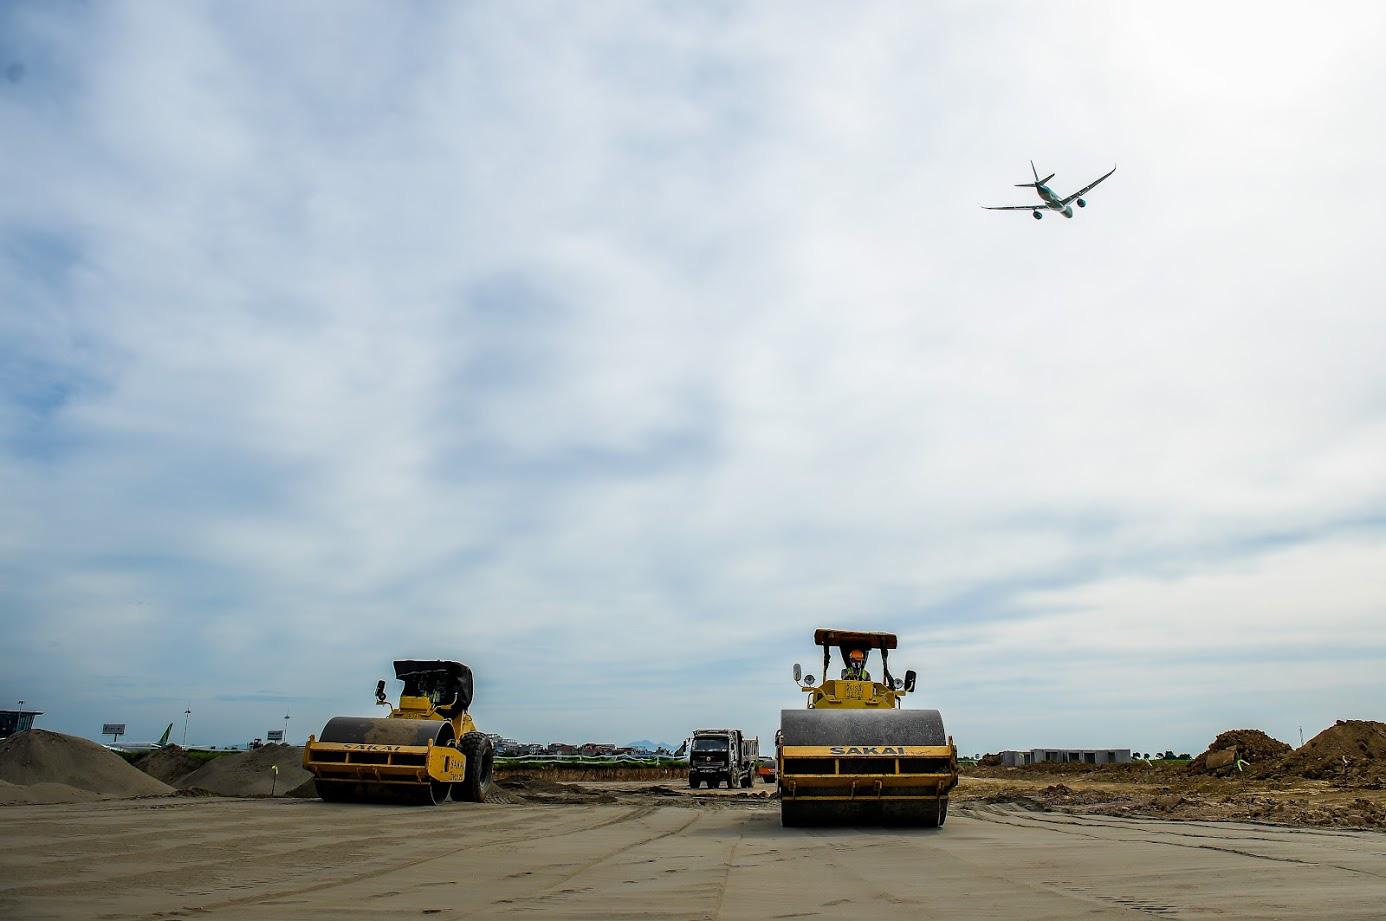 ACV không được phép chuyển nhượng, bán tặng, tài sản tại 22 sân bay  - Ảnh 2.